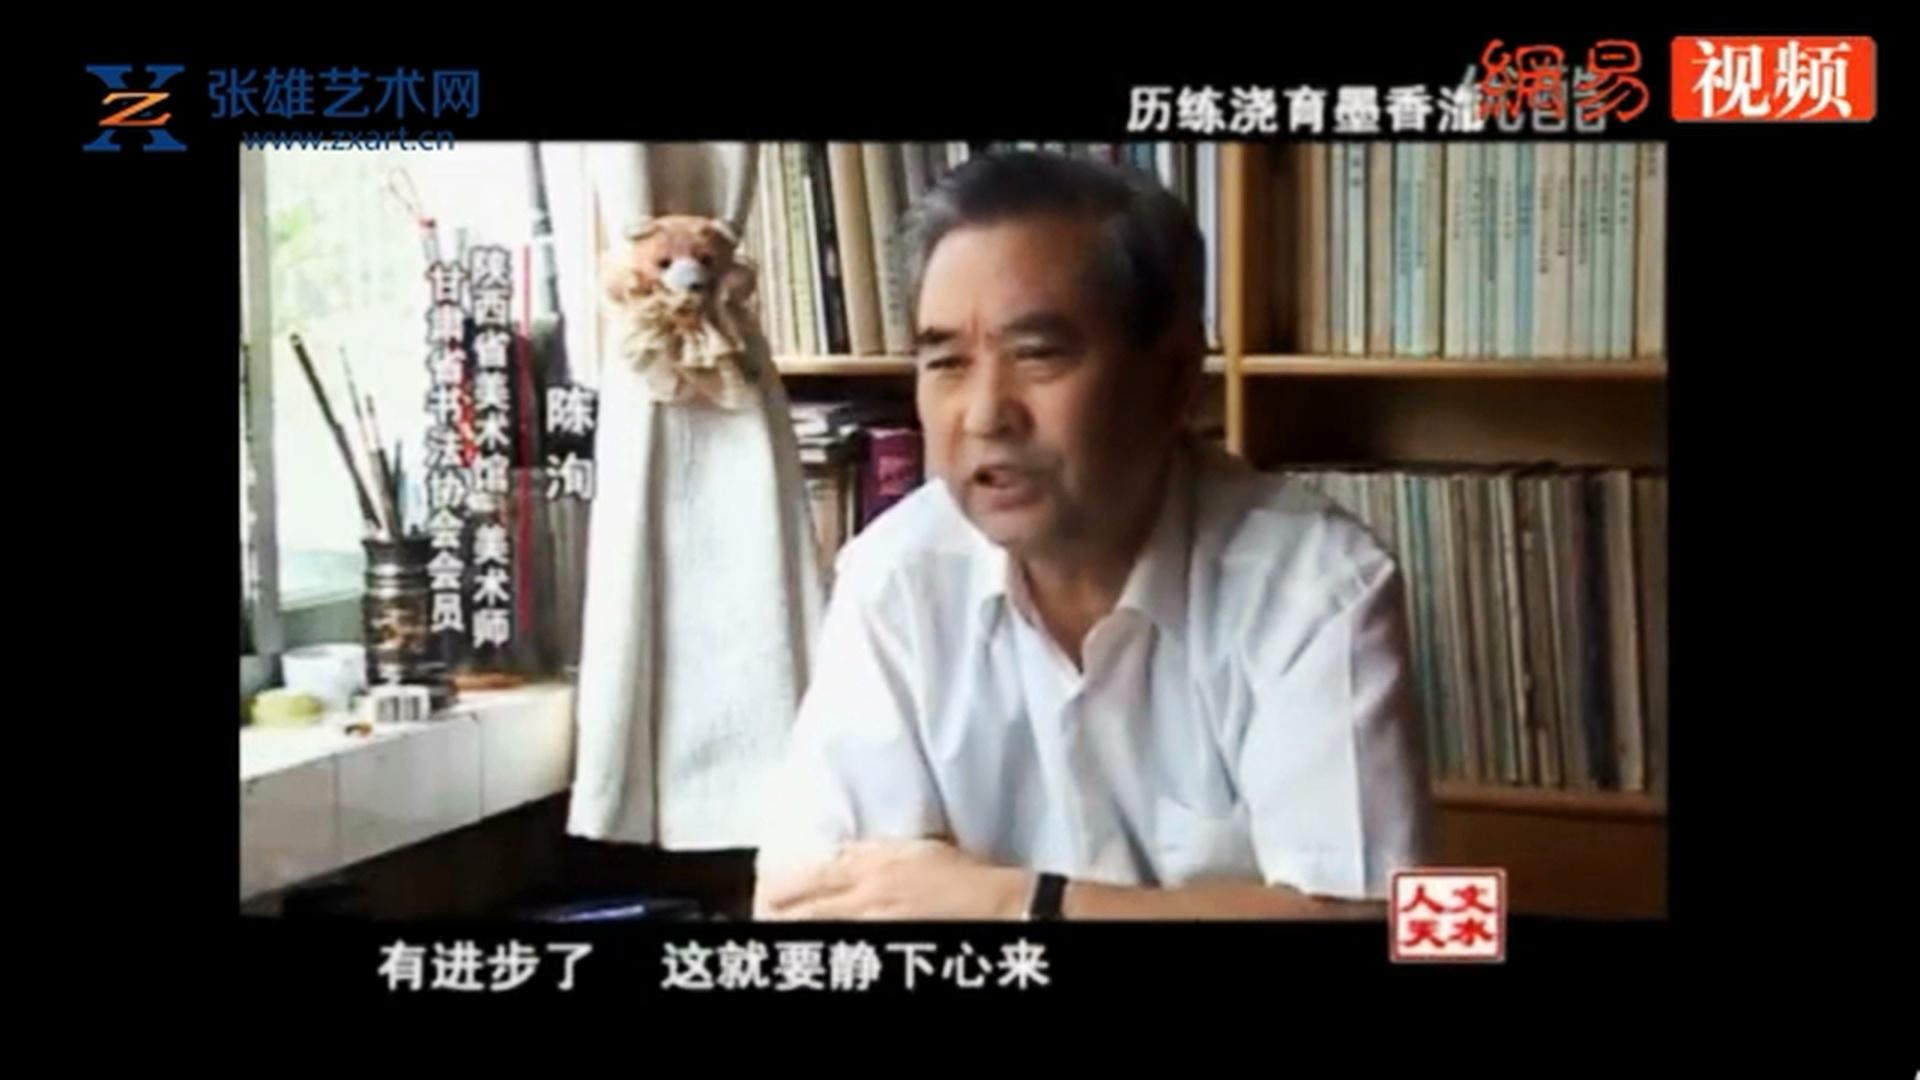 名家访谈 | 建国70周年艺术领军人物展播——陈洵